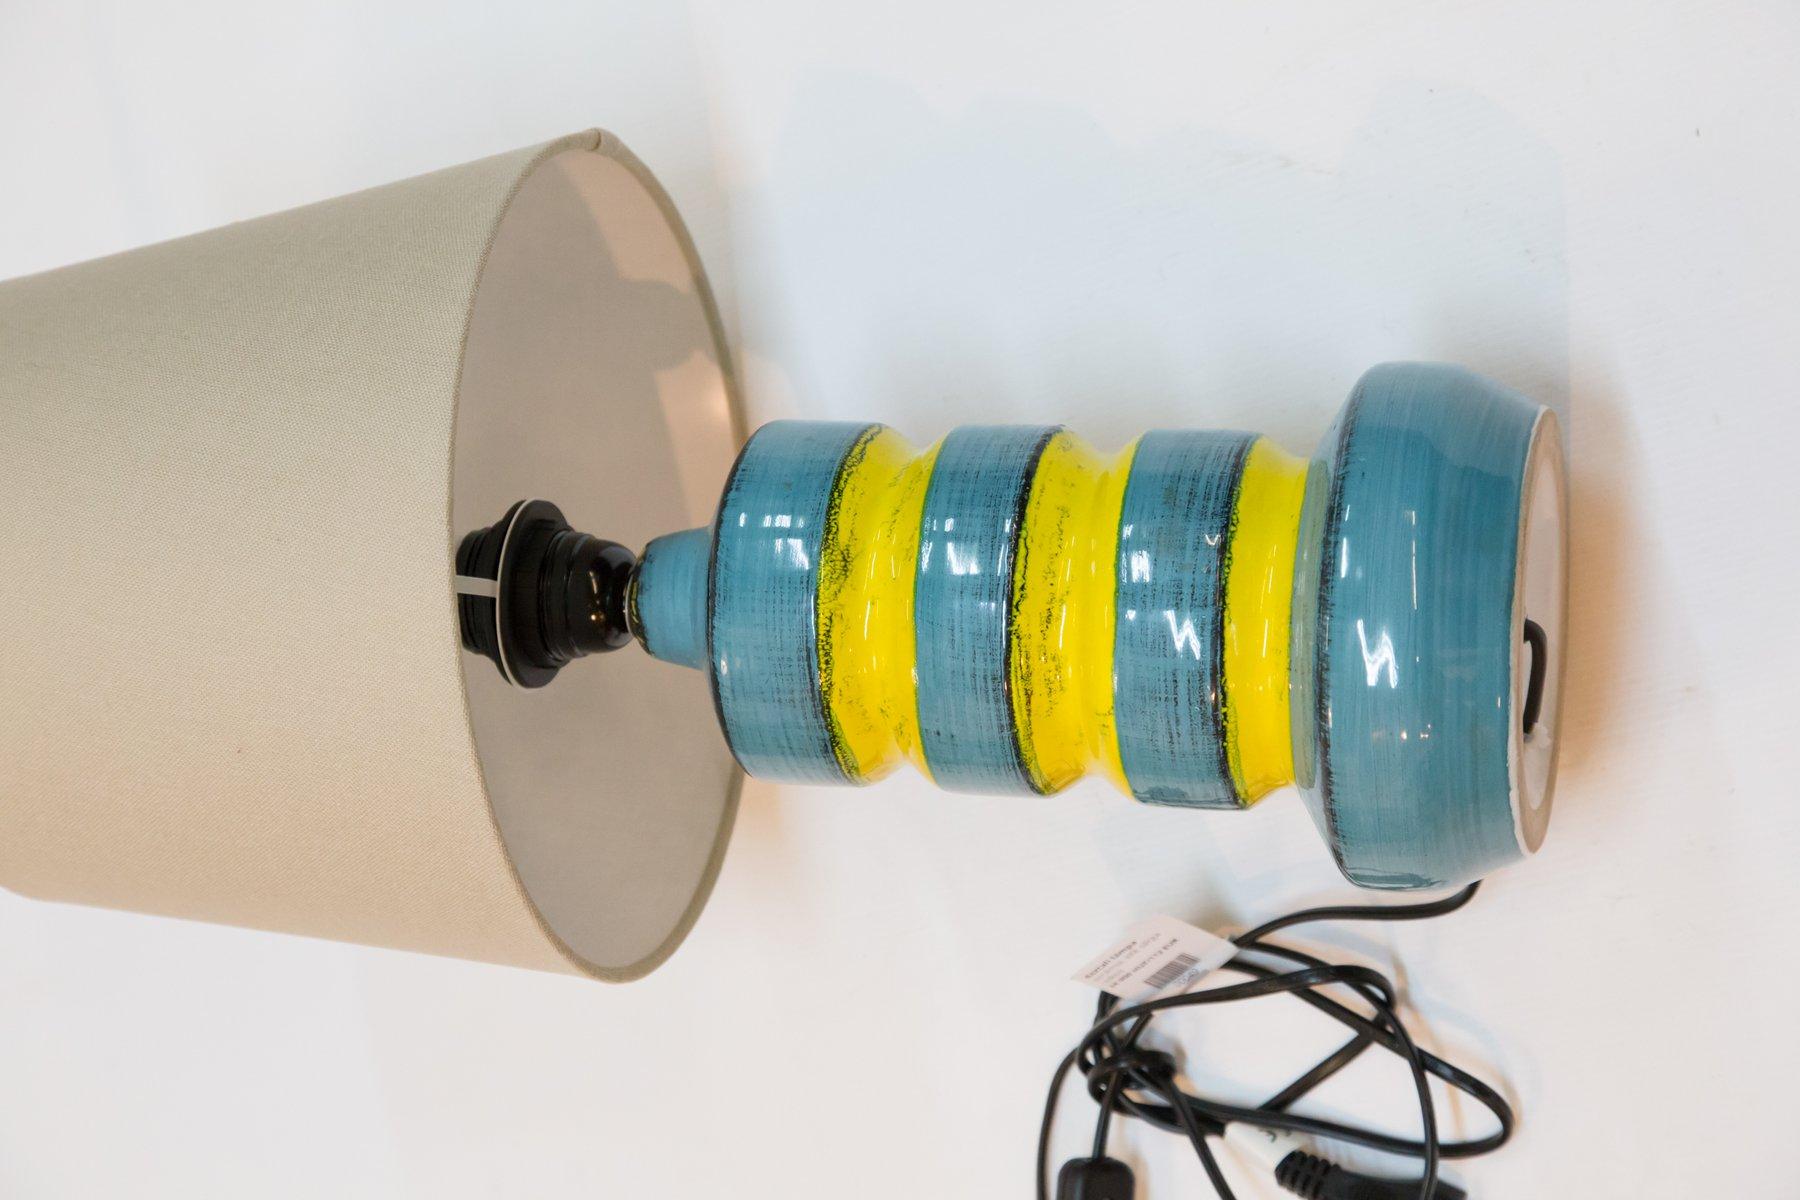 lampe de bureau en c ramique bleu jaune 1970s en vente sur pamono. Black Bedroom Furniture Sets. Home Design Ideas